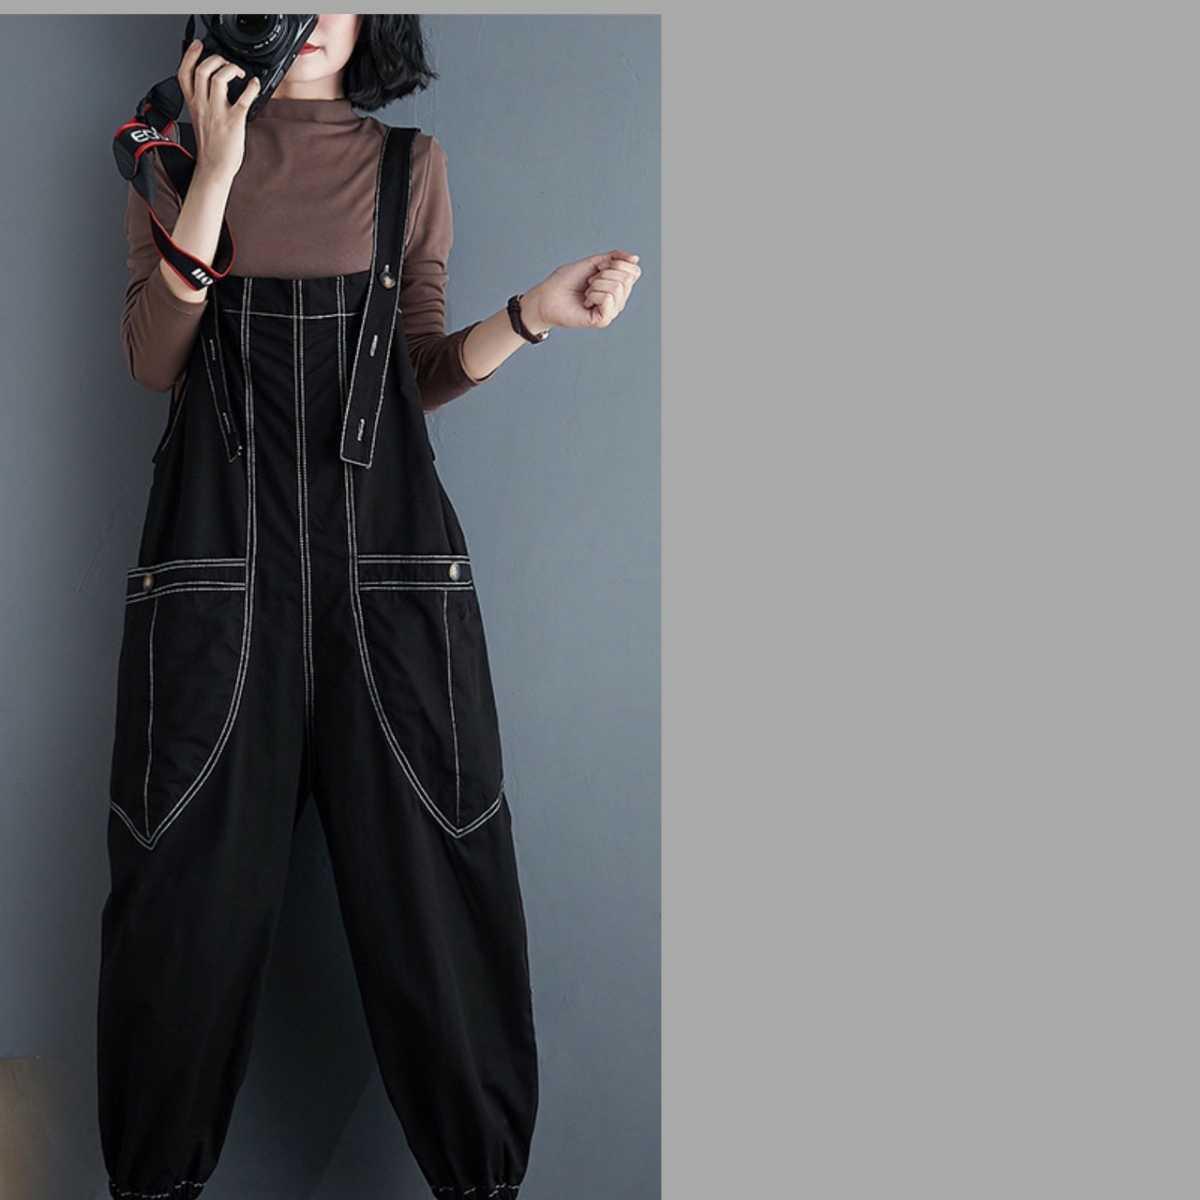 サロペット オーバーオール オールインワン ボトムス パンツ メンズ レディース L ブラック 黒 ゆったり デニム アジアン 韓国 オルチャン